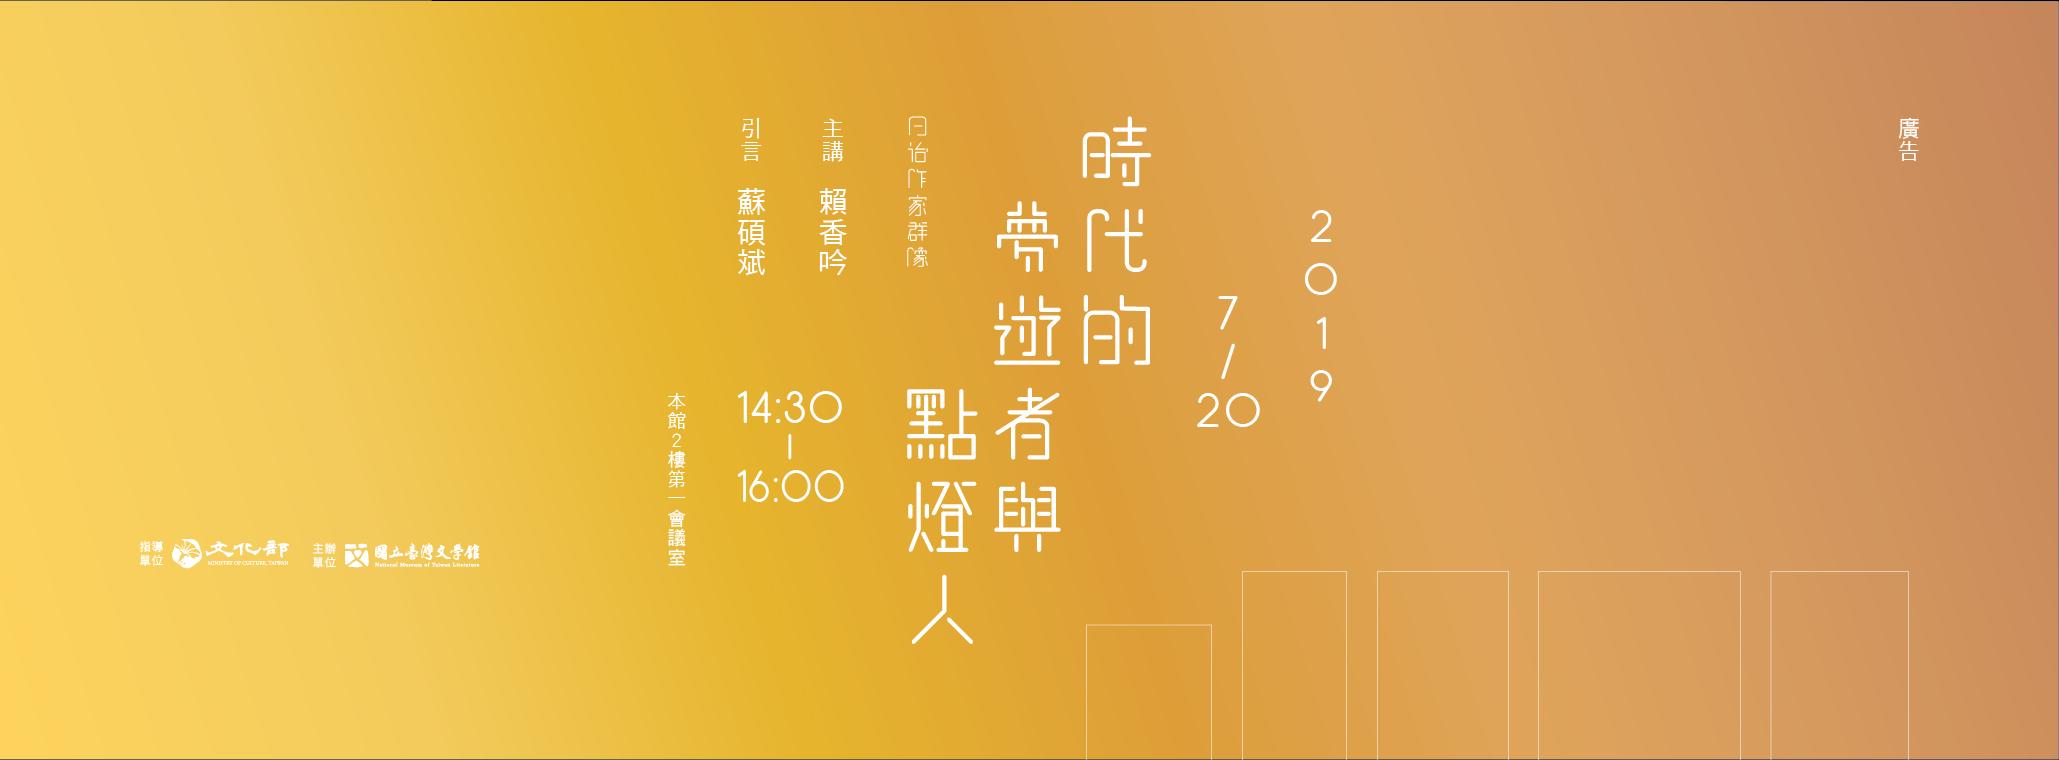 時代夢遊-01.png